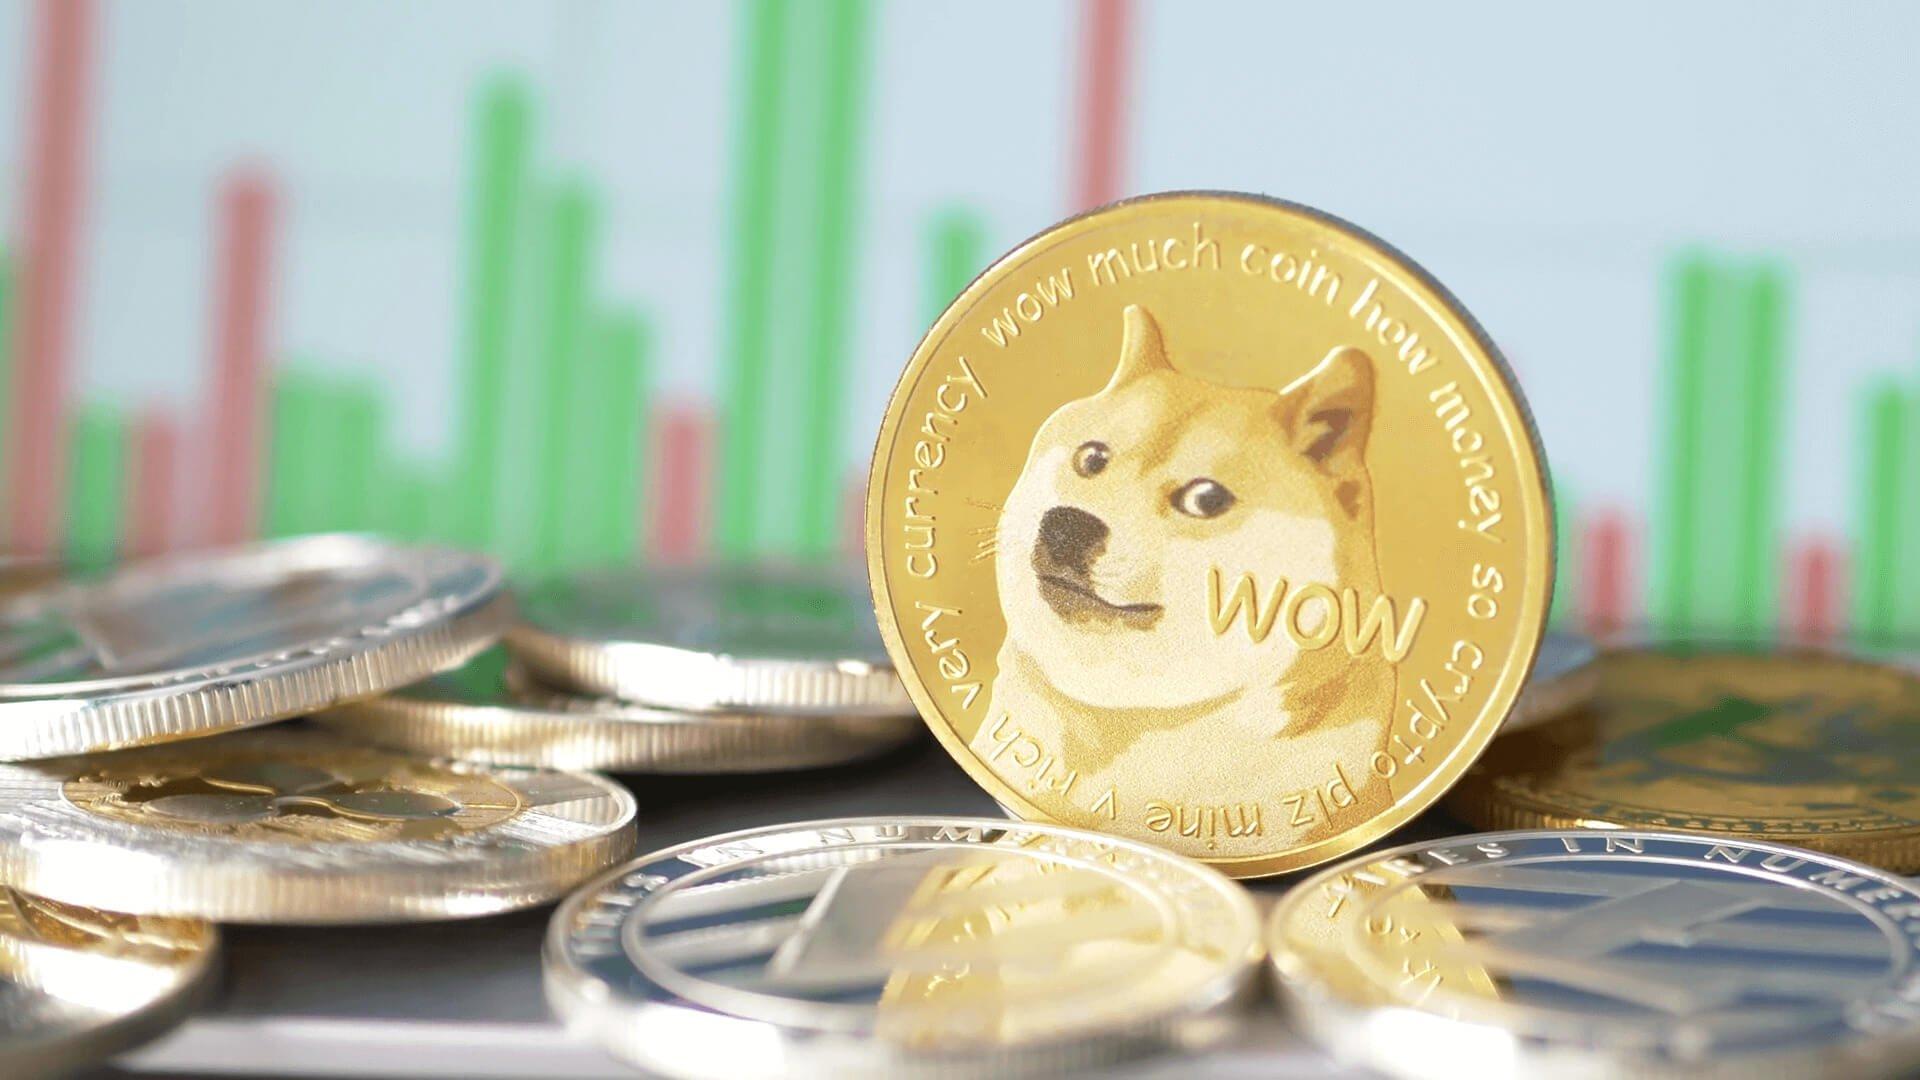 Yatırım Yapılabilecek Kripto Paralar 2 - Dogecoin